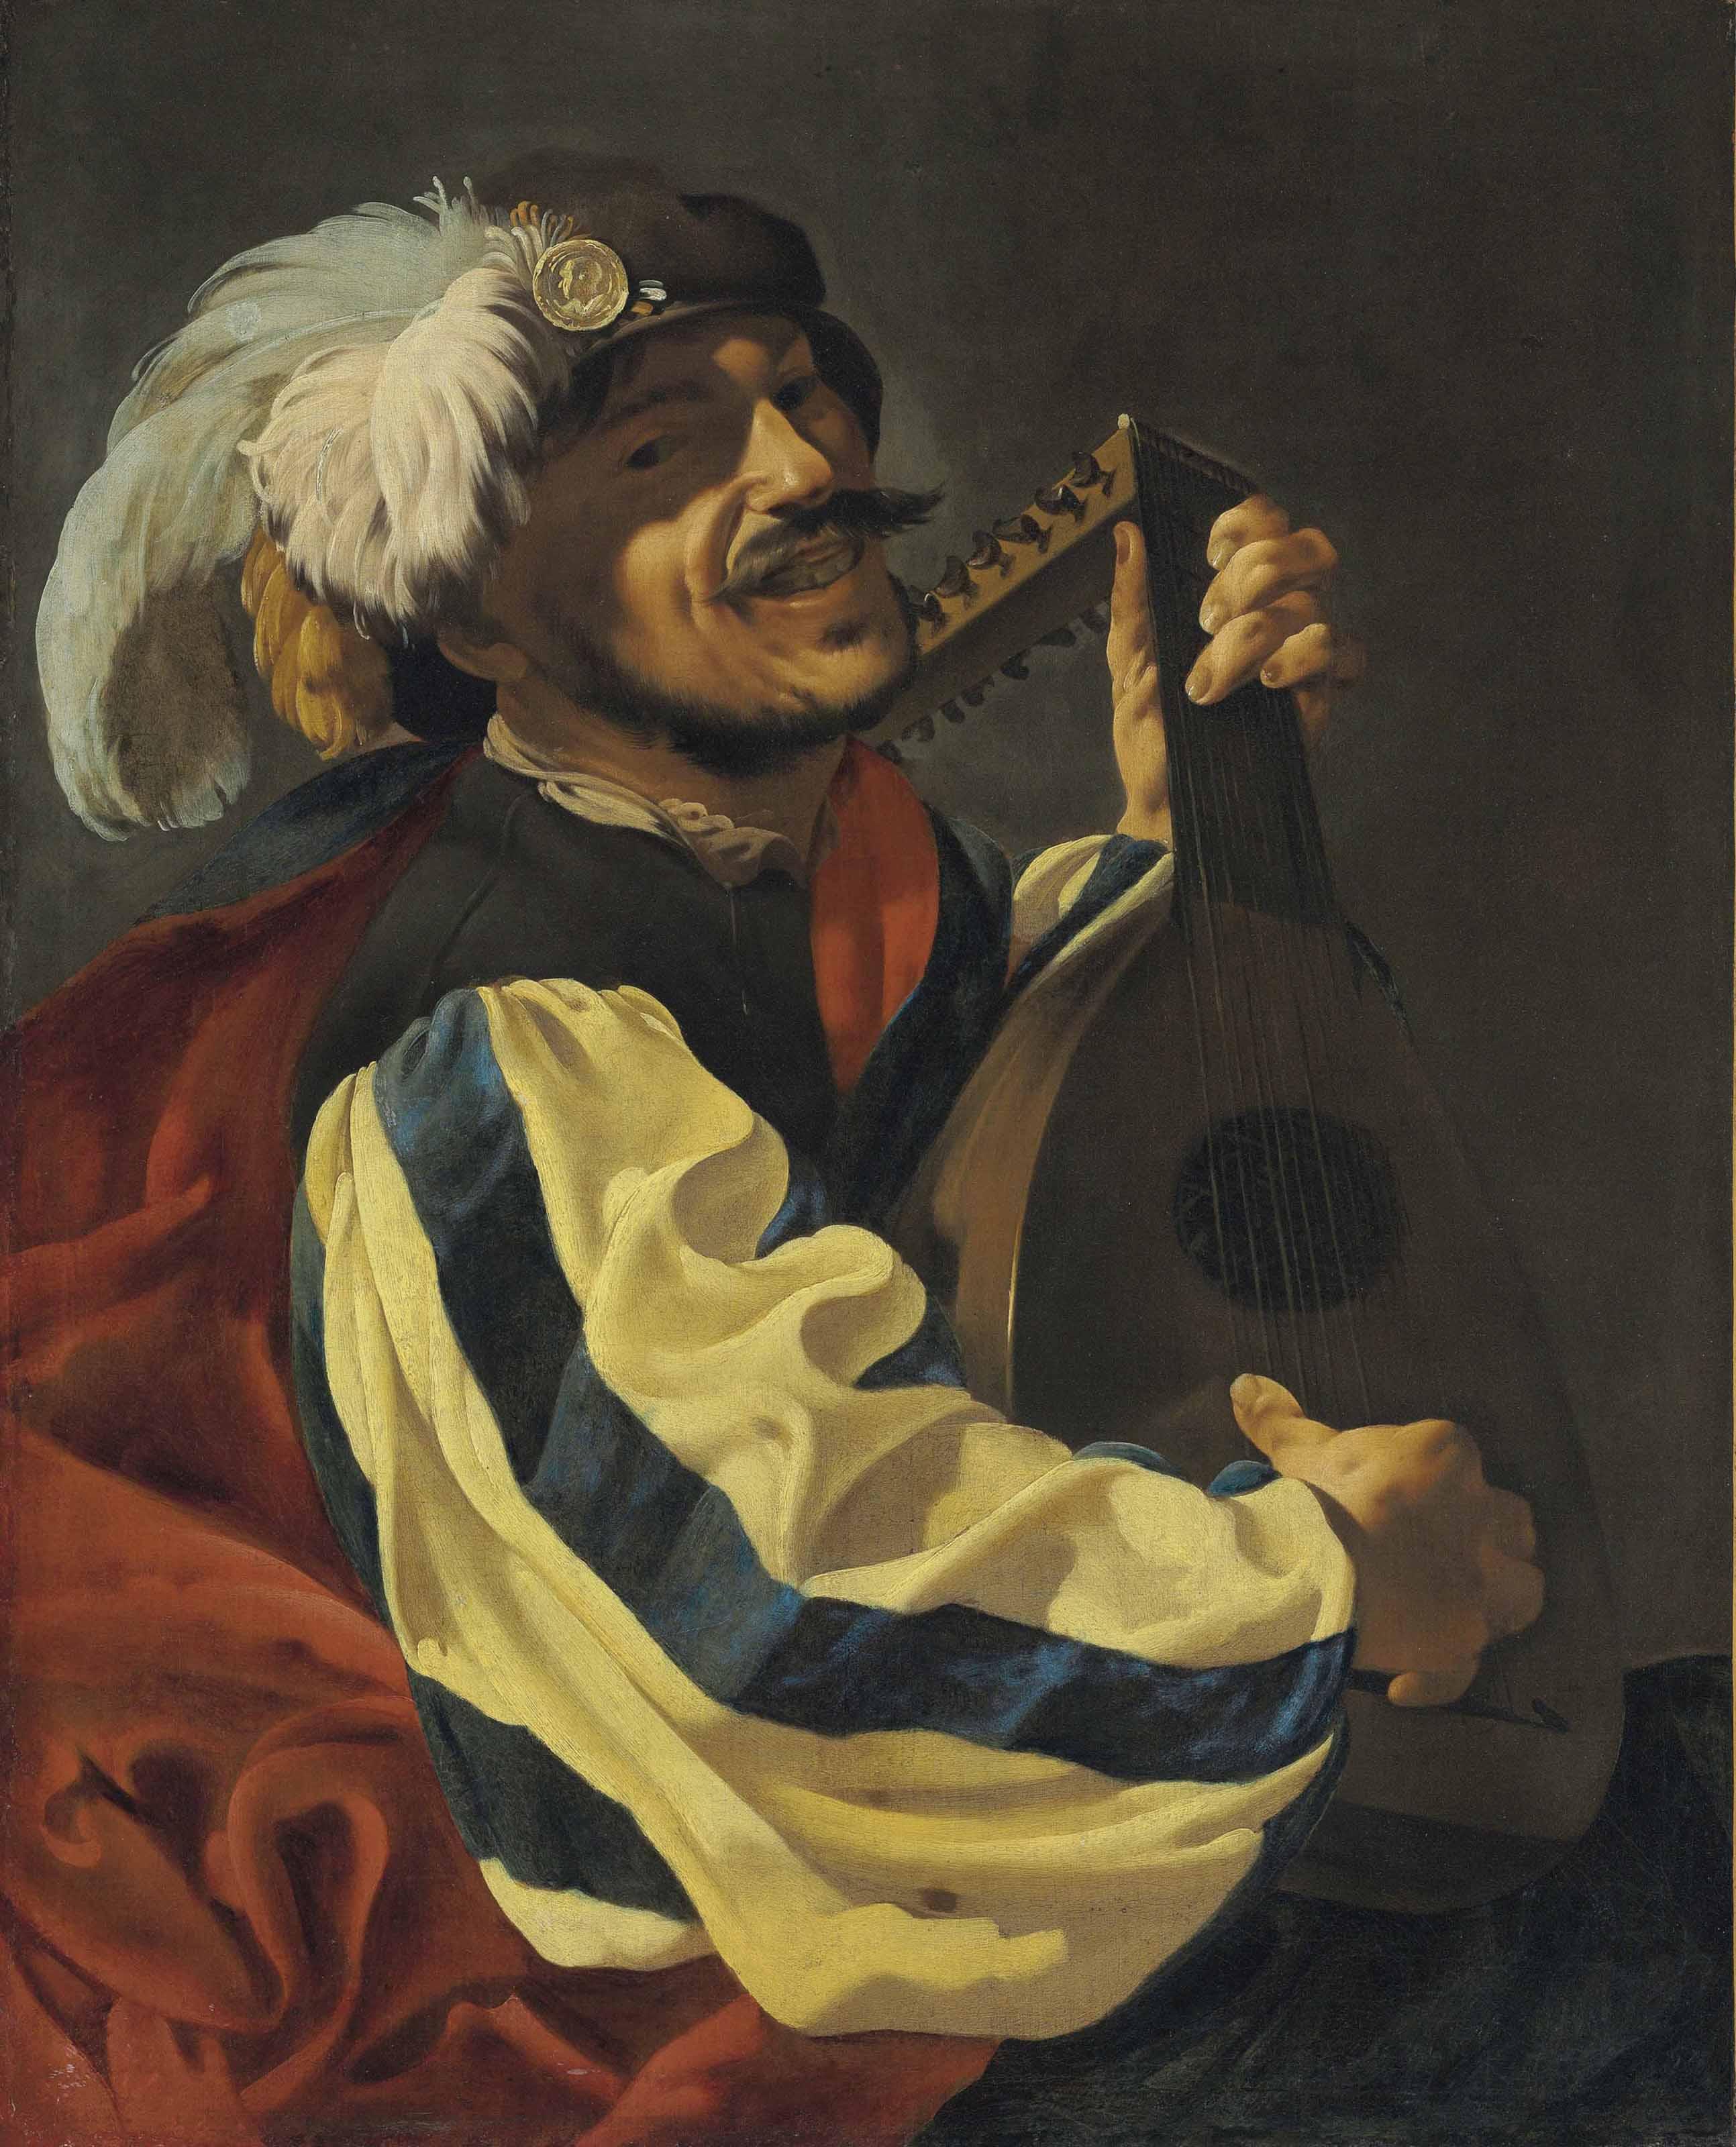 terbrugghen 1626 ca Joueur de luth coll priv et chateau musee de Boulogne sur mer